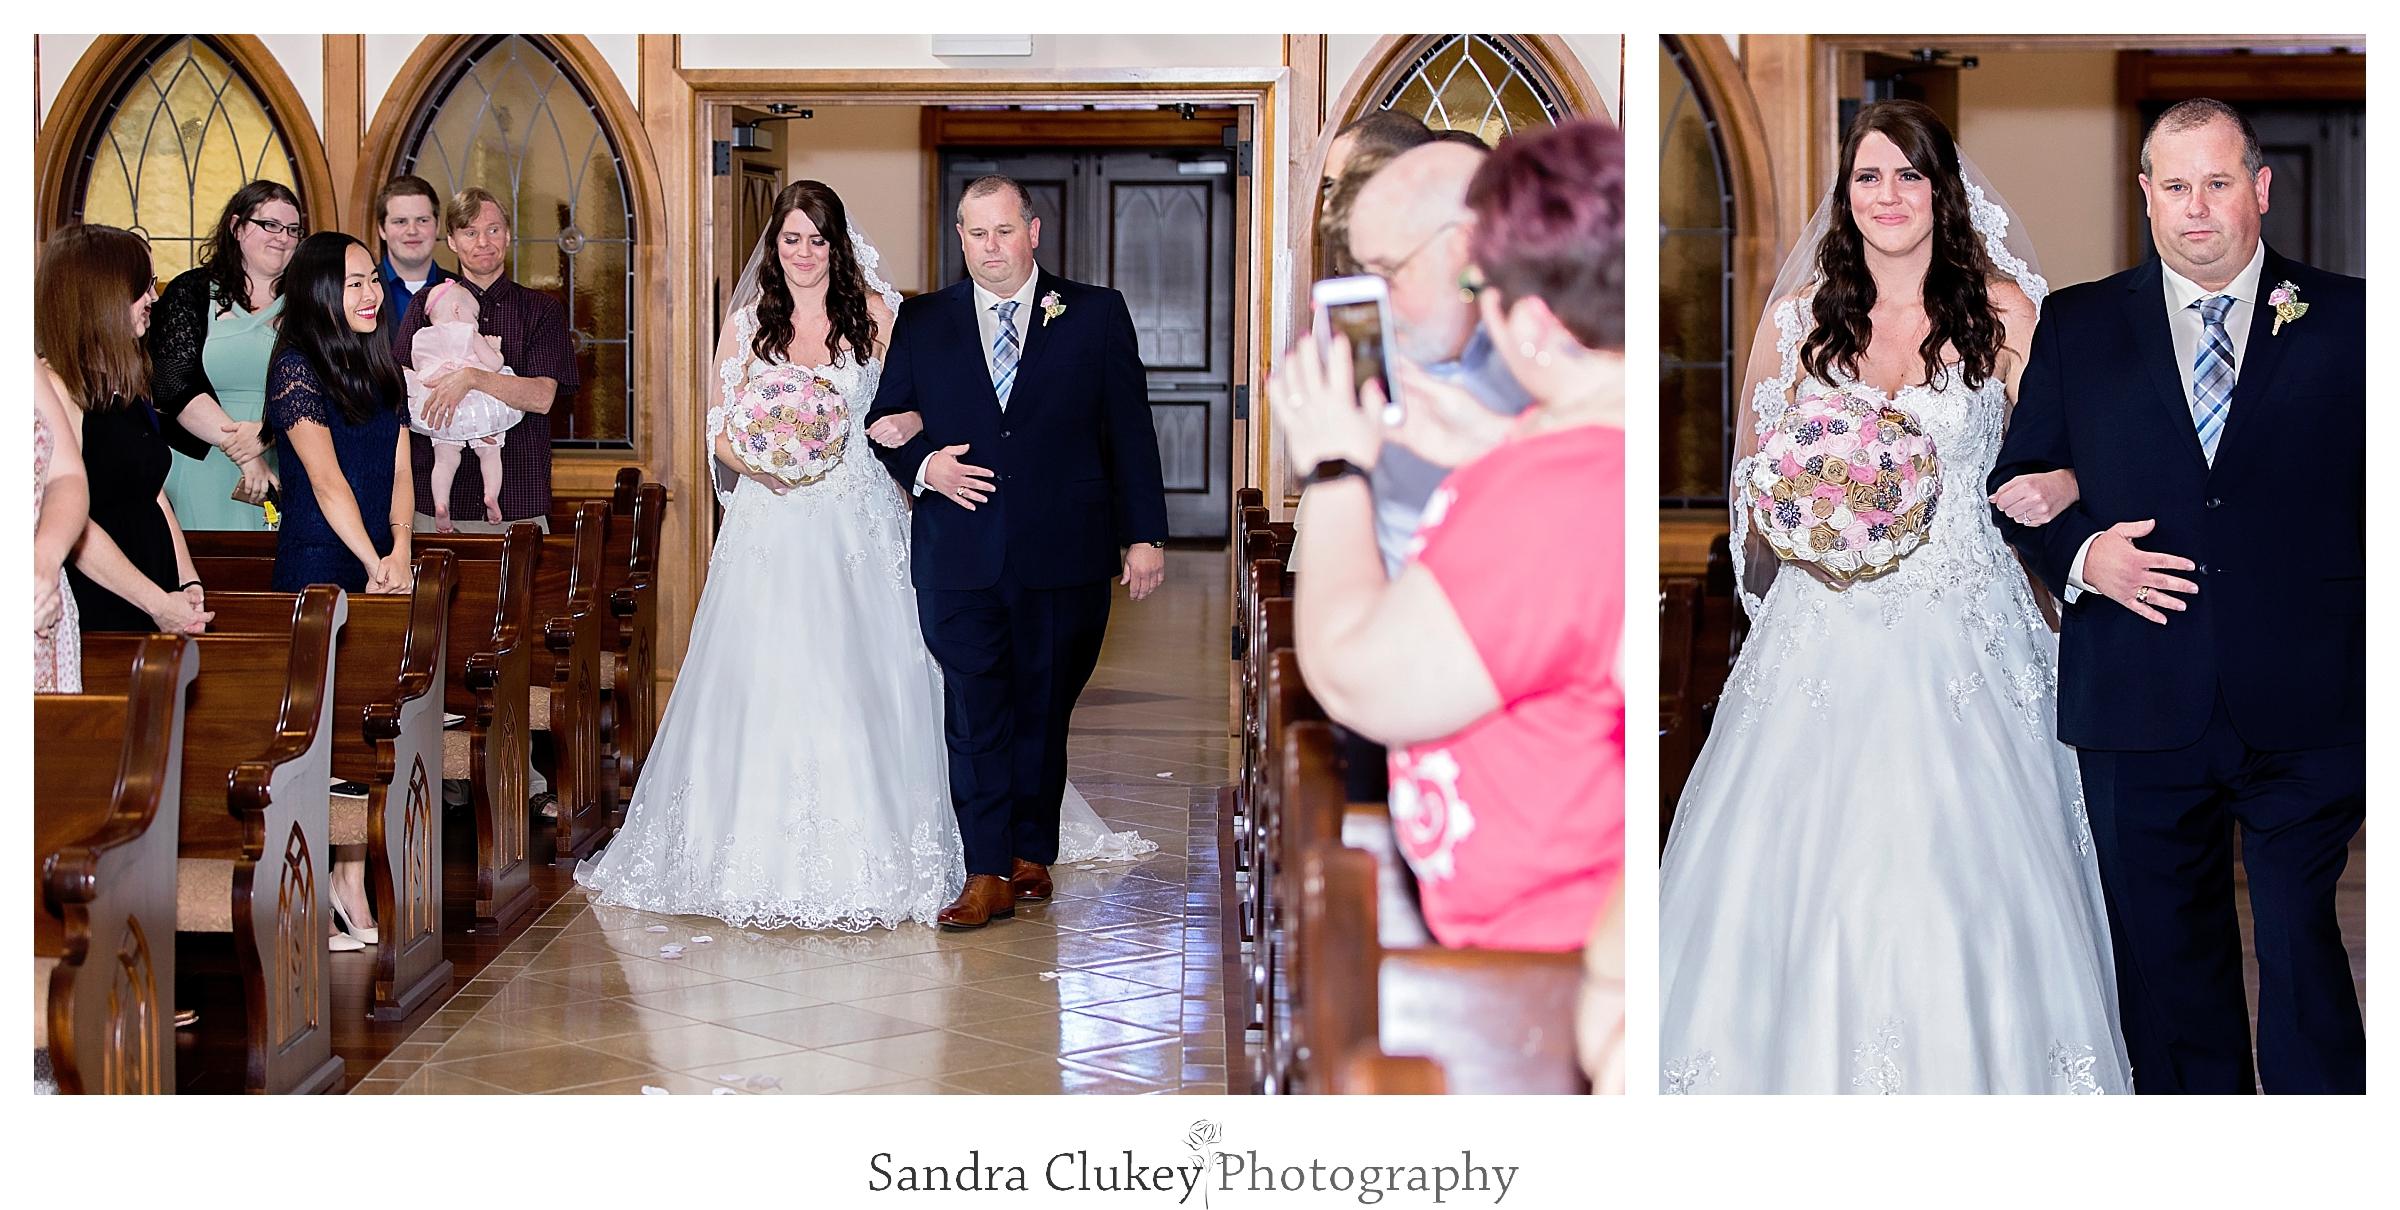 Sandra Clukey Photography_1665.jpg